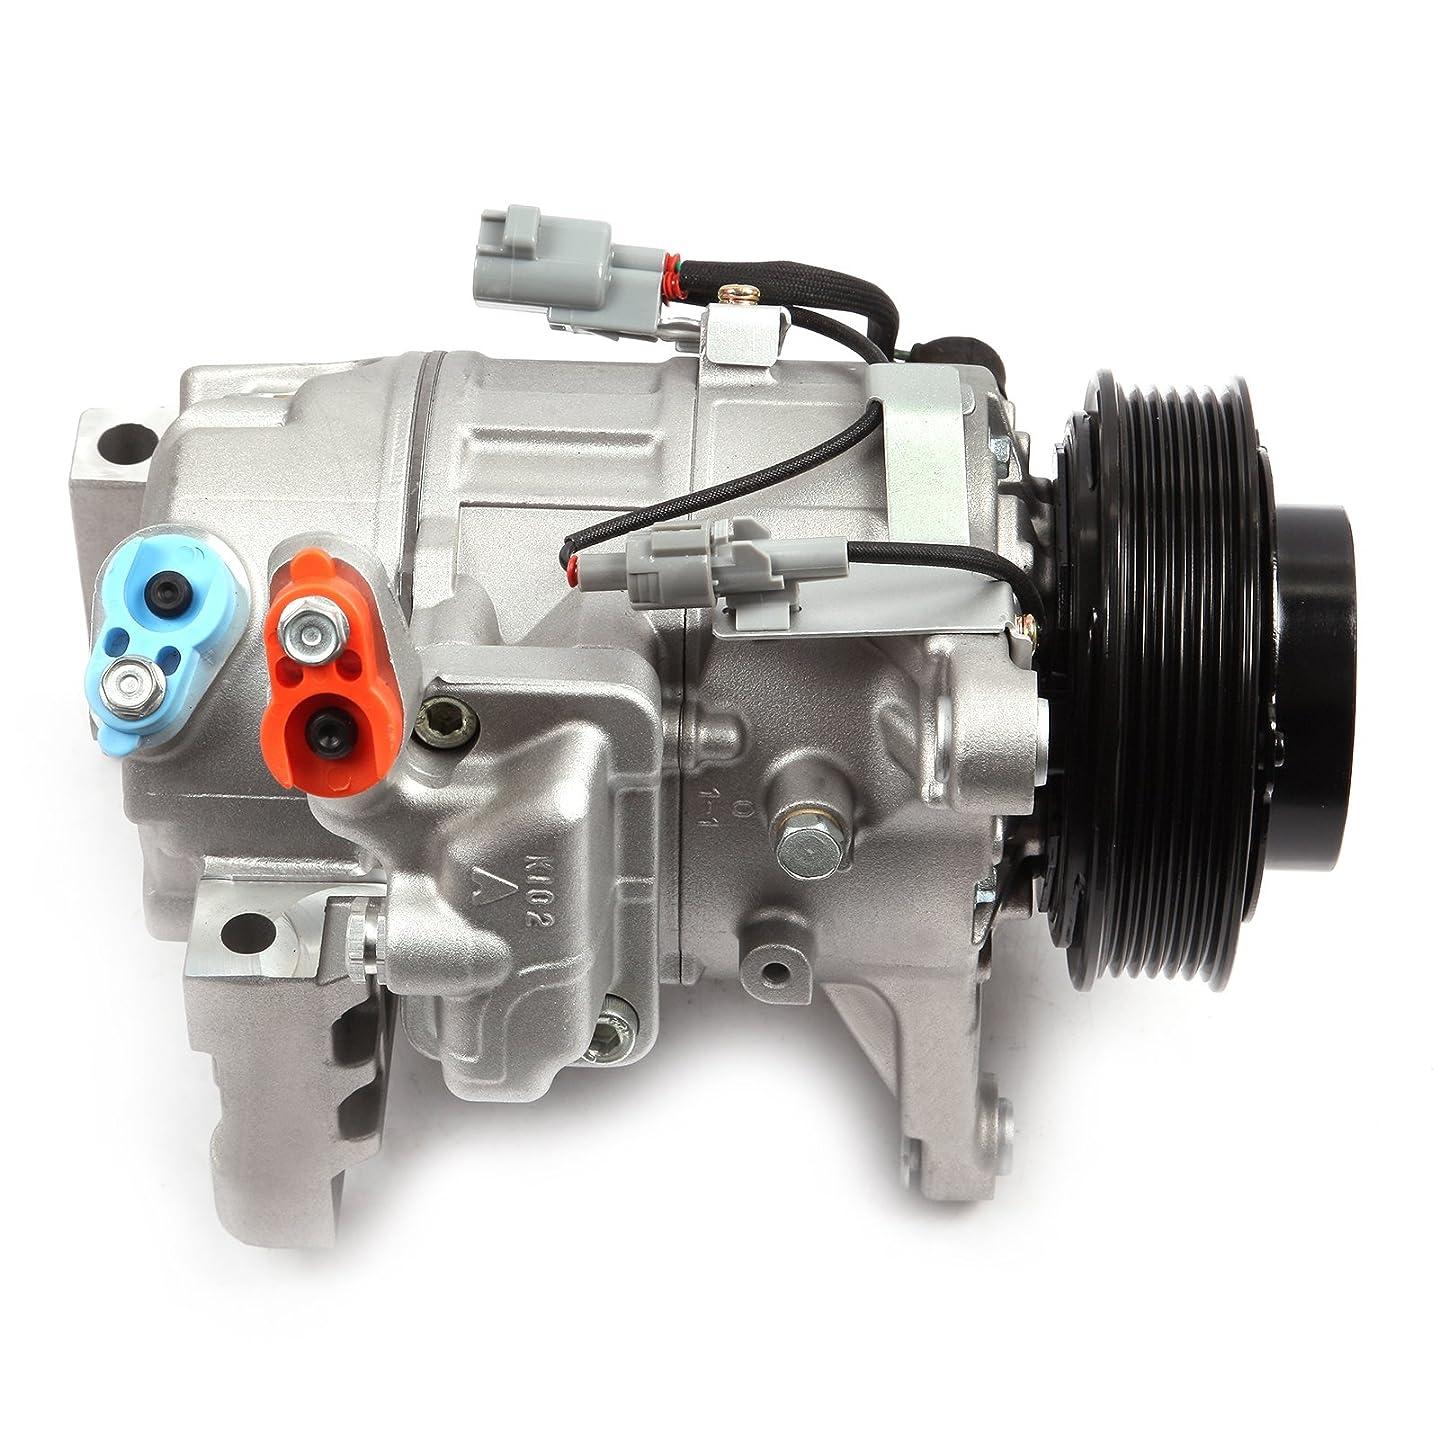 ECCPP Compatible fit for A/C Compressor and Clutch CO 10571C fits1998-2005 Lexus GS300 3.0L Compressors